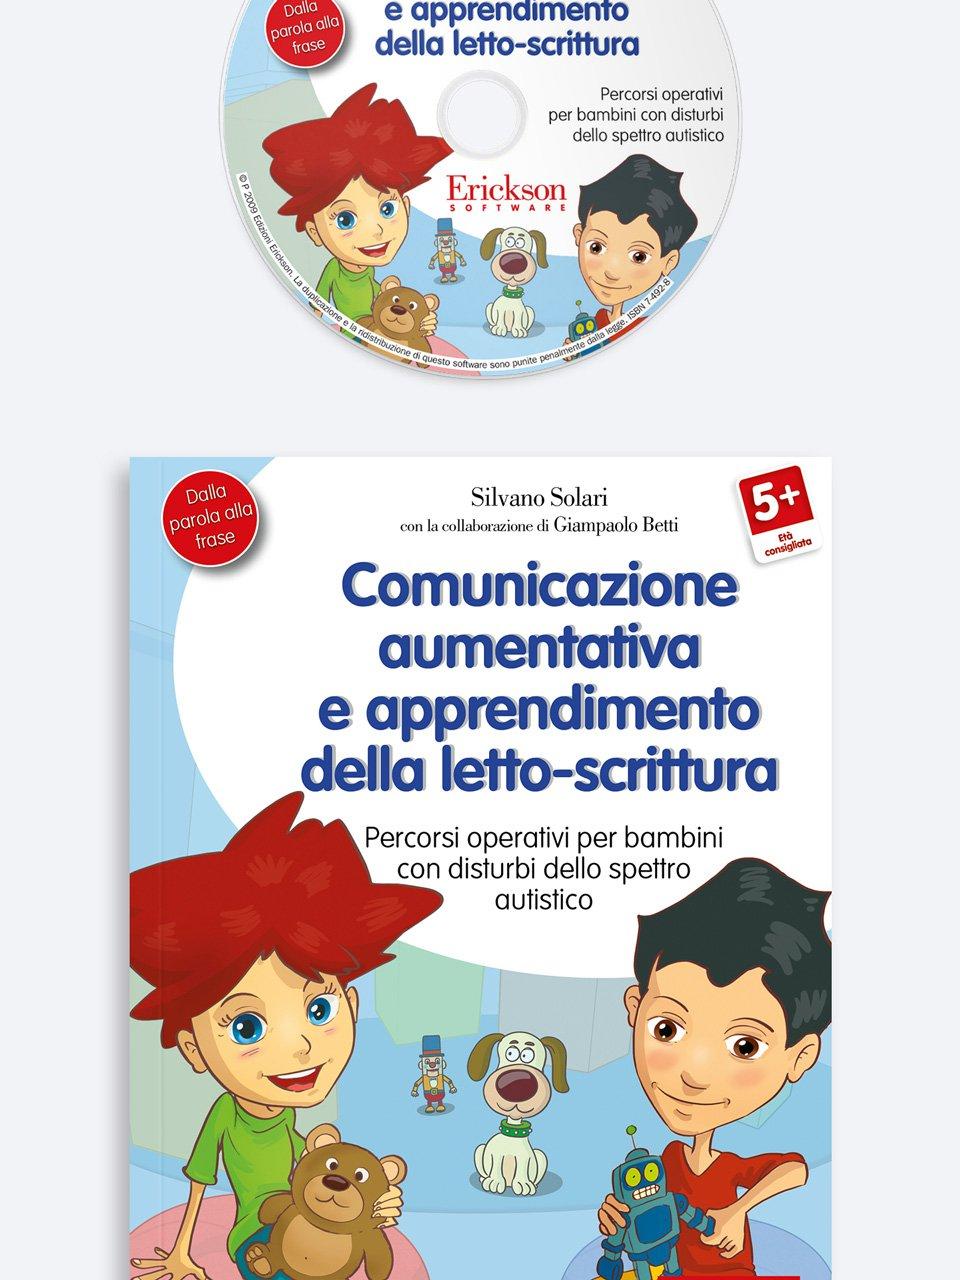 Comunicazione aumentativa  e apprendimento della letto-scrittura - Nostro figlio è autistico - Libri - Erickson